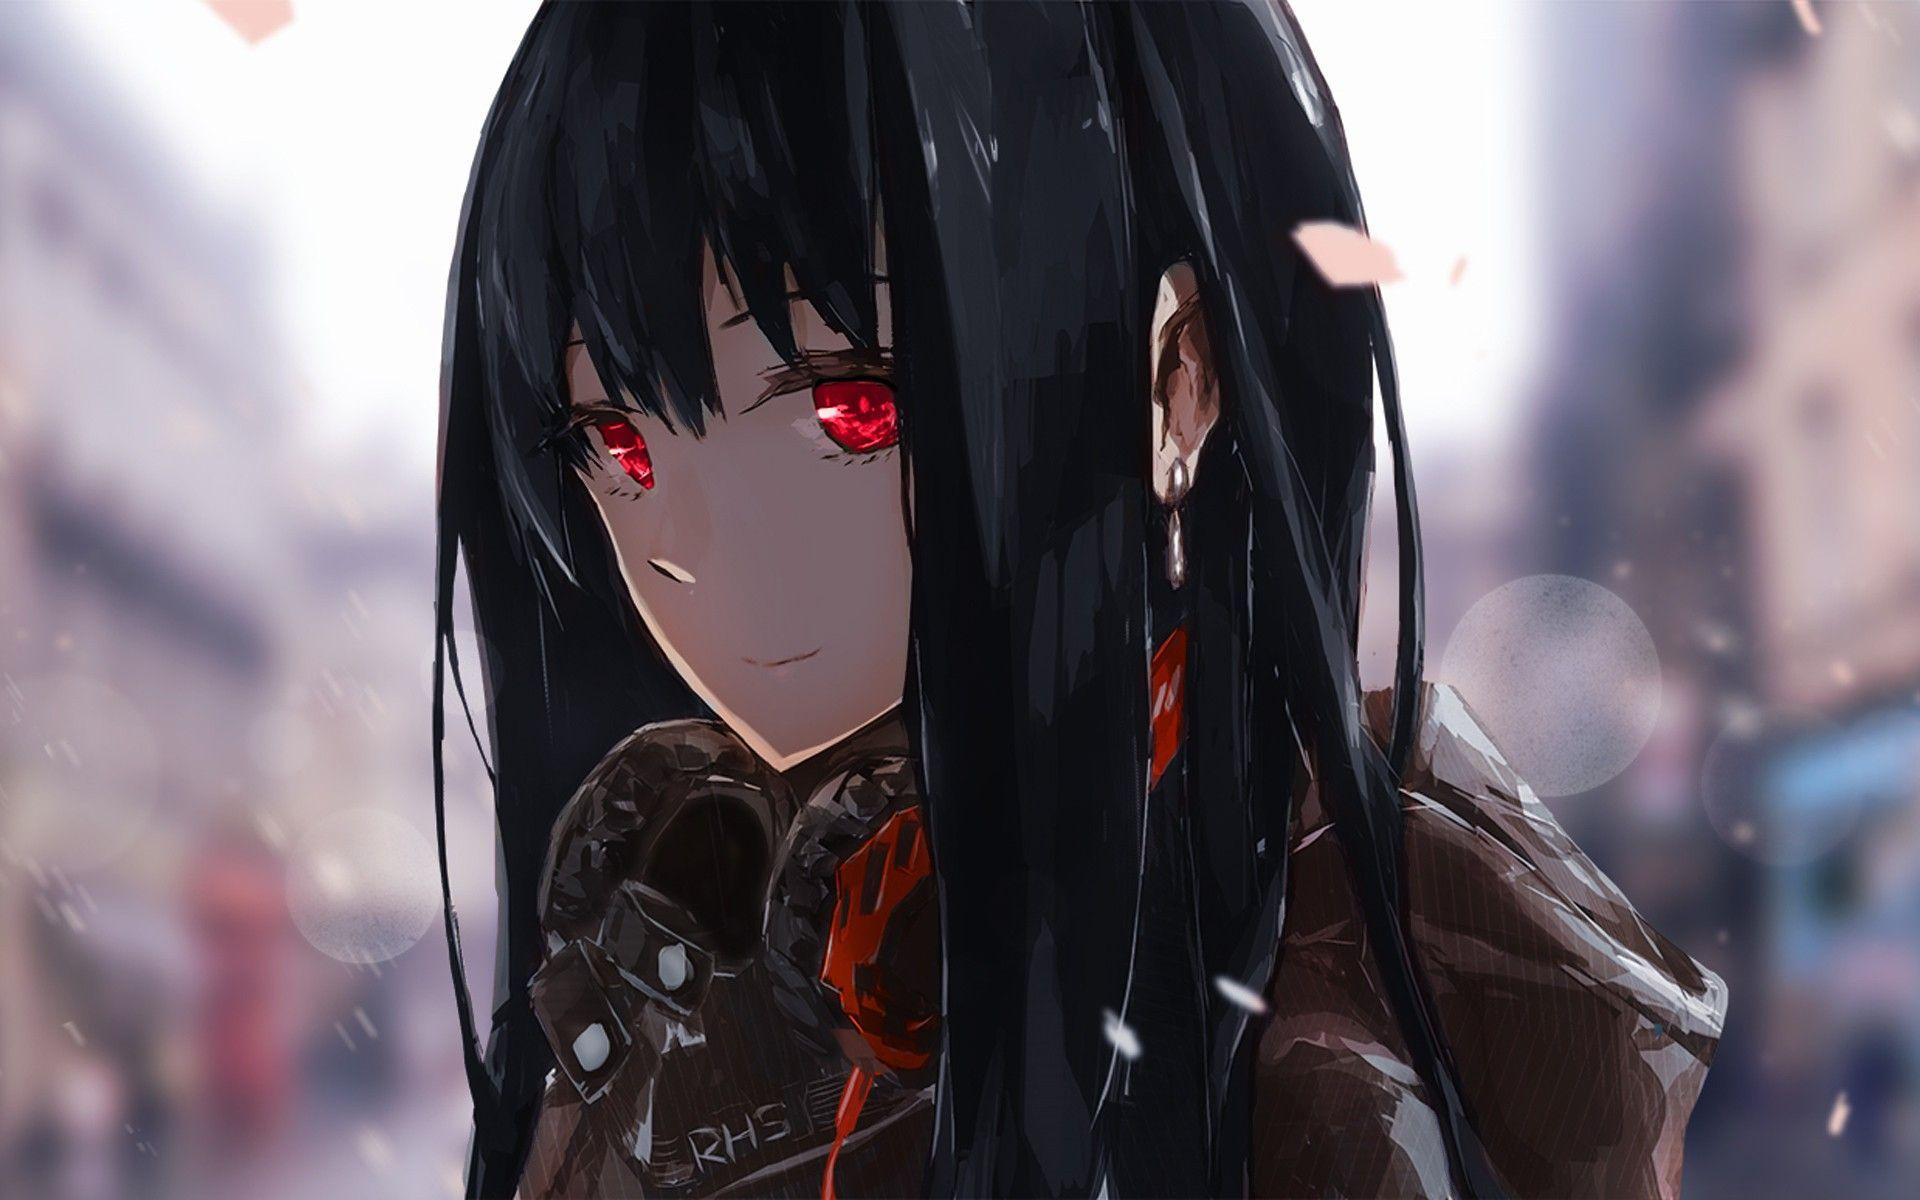 Anime Headphones Red Eyes Black Hair Anime Girls Happy The Idolm Ster Cinderella Girls Shibuya Rin Wallpaper No Gadis Animasi Gambar Animasi